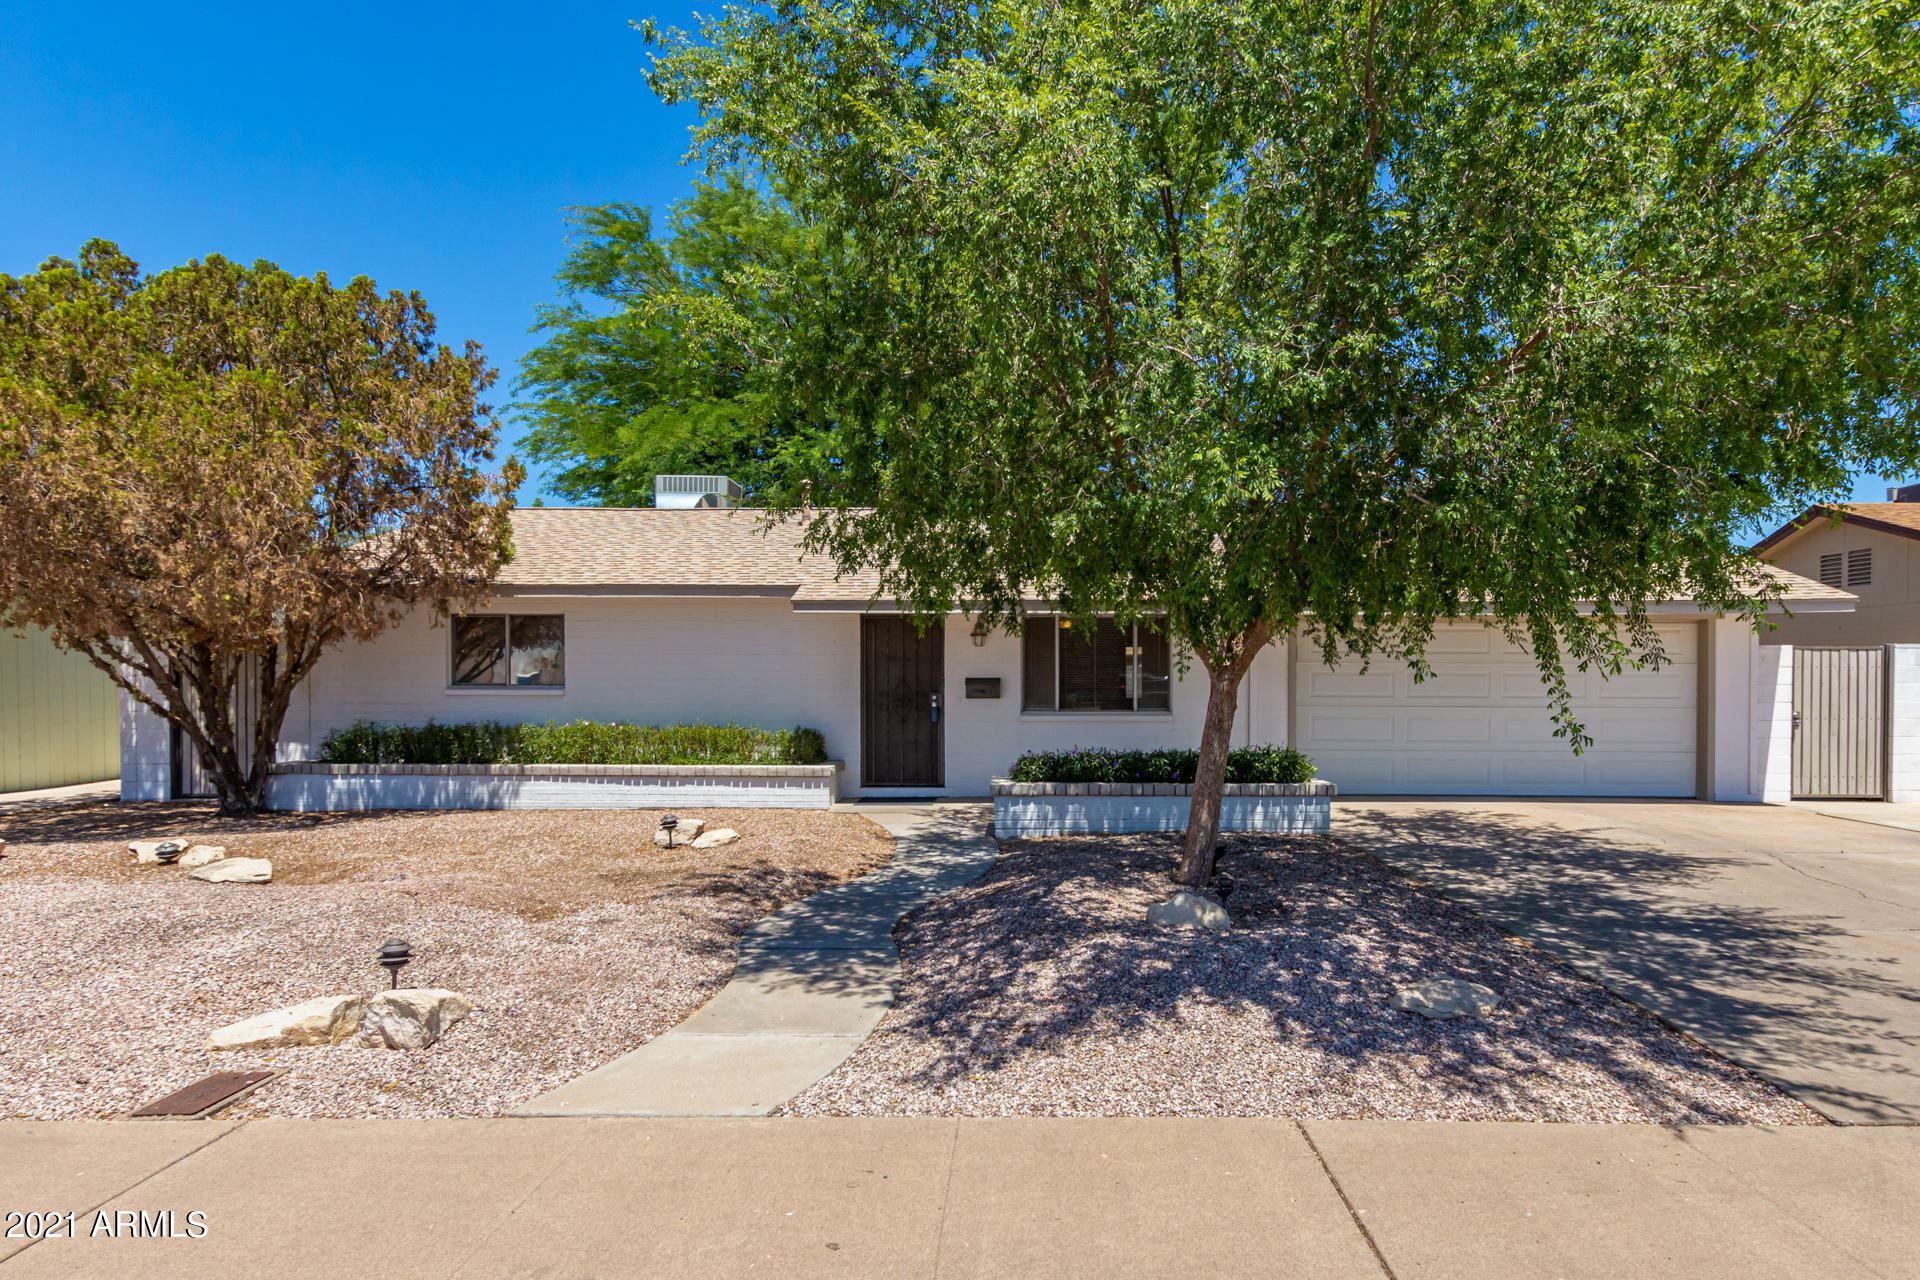 3746 W EL CAMINO Drive, Phoenix, AZ 85051 - MLS#: 6233278